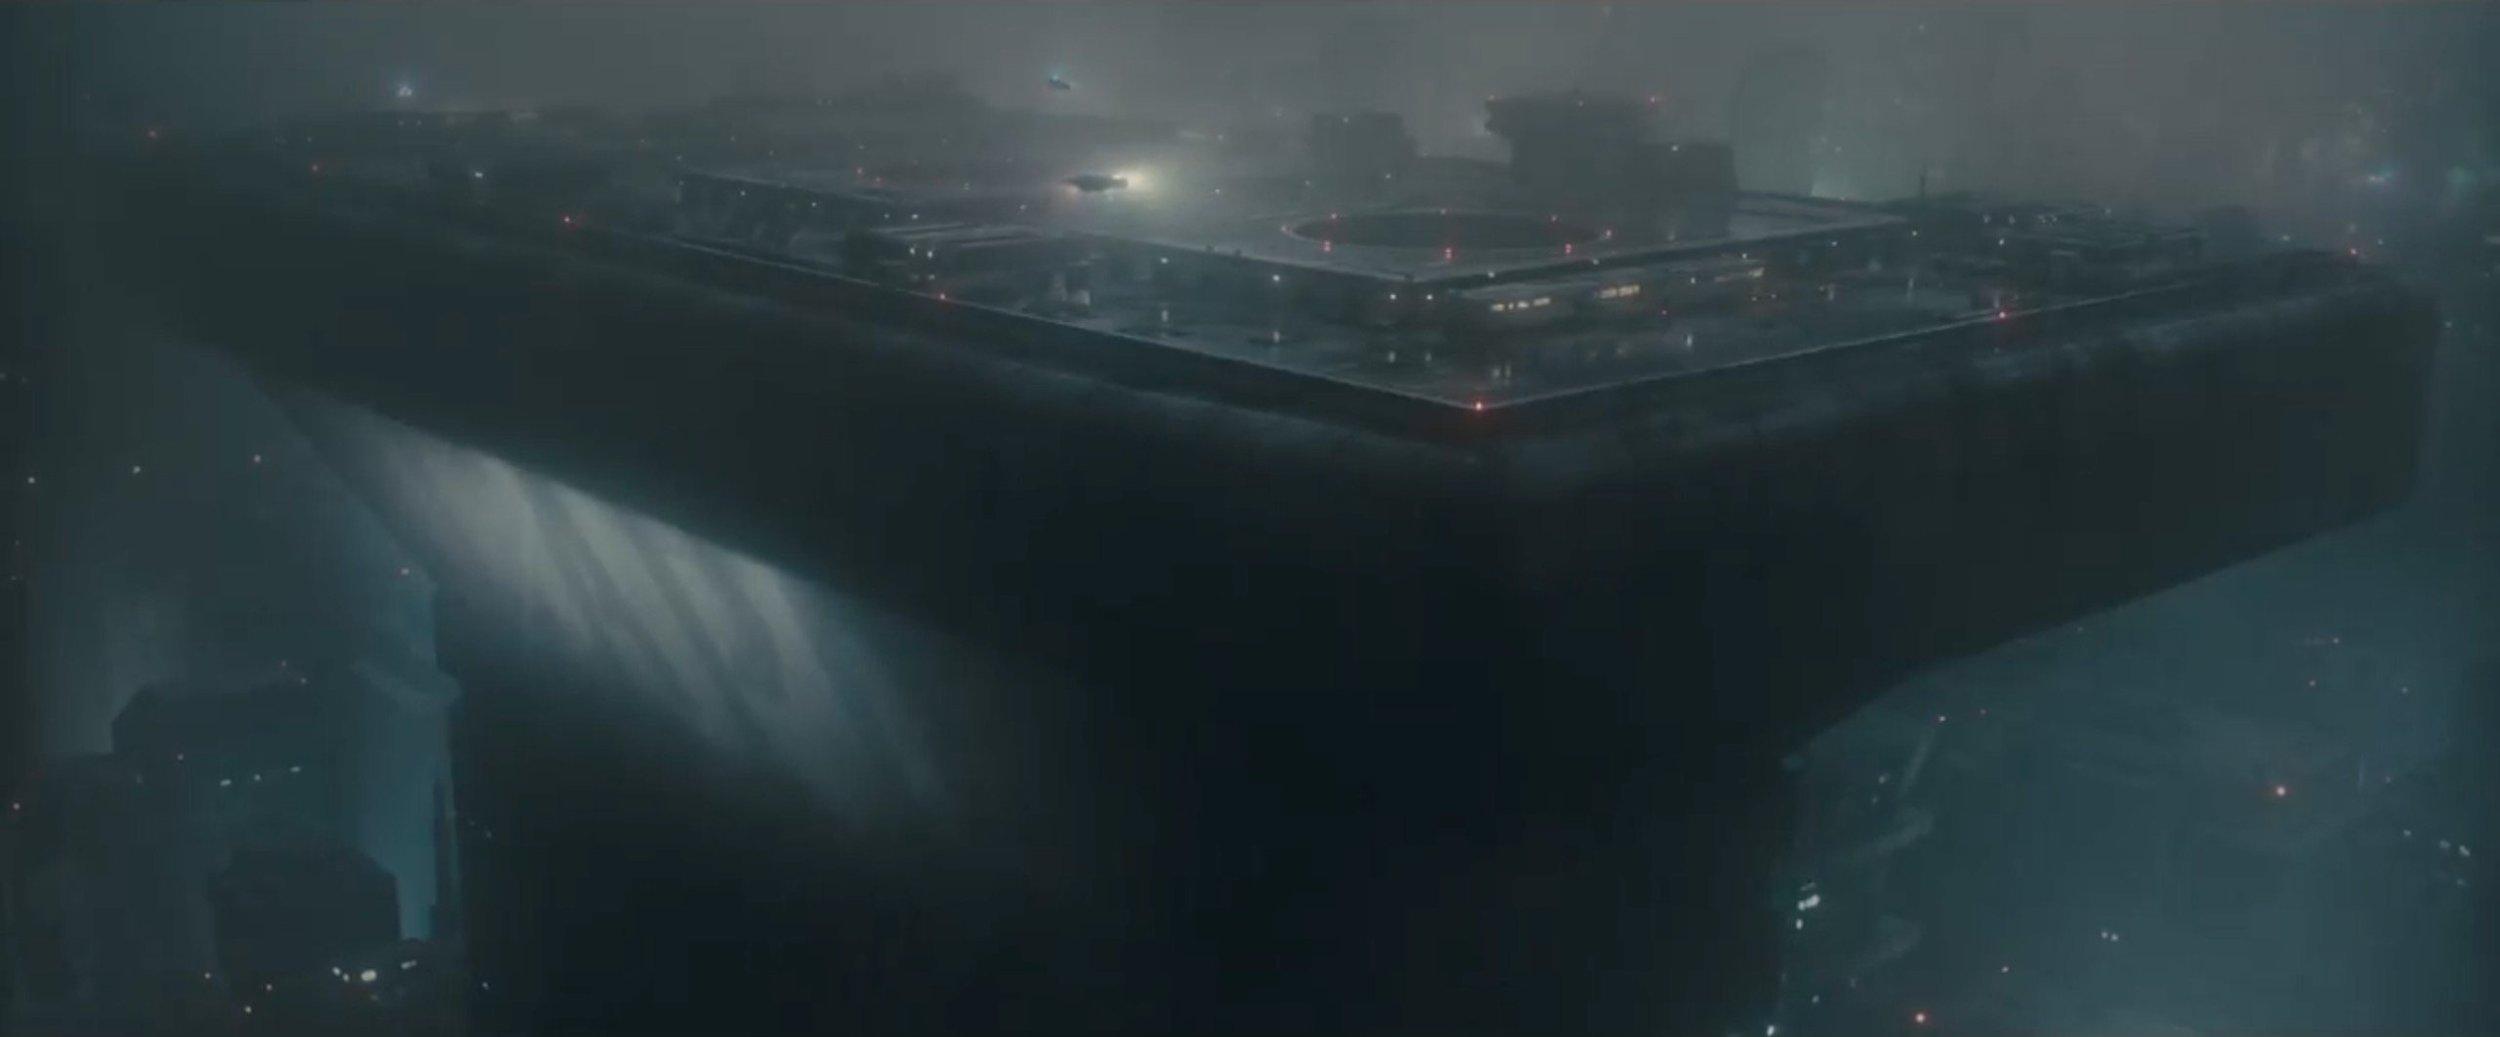 Blade-Runner-2049-trailer-breakdown-8.jpg